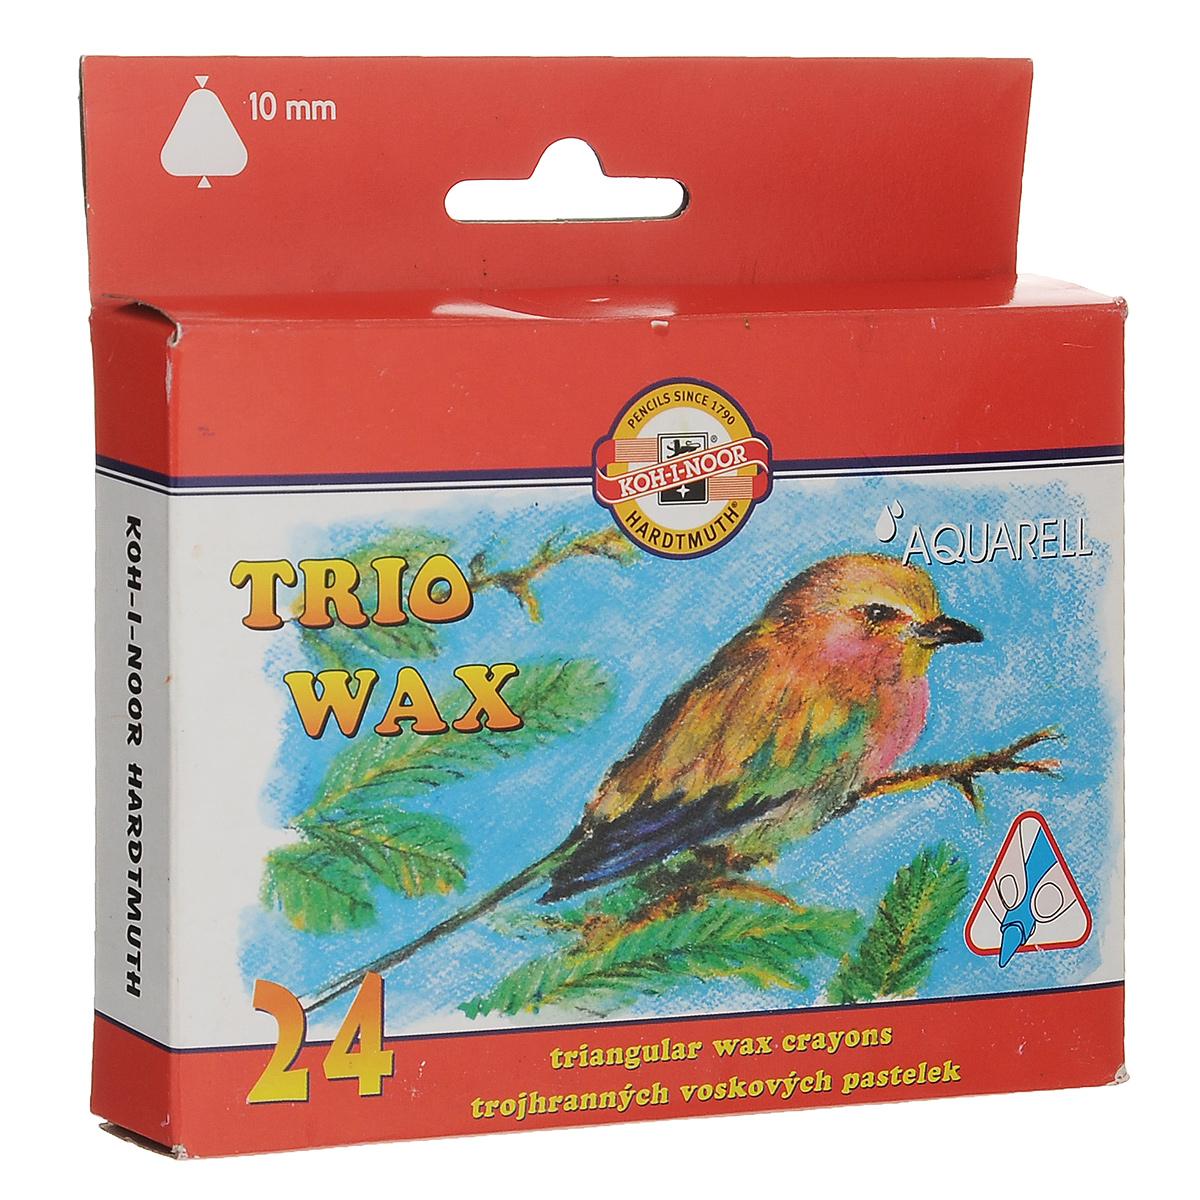 Пастель восковая Koh-i-Noor Trio Wax, трехгранная, 24 цвета8254/24Восковая пастель Koh-i-Noor Trio Wax представляет собой восковые карандаши. Основу замеса восковой пастели составляют воск высшего качества и пигменты. Предназначена пастель для детского творчества. Изделия не содержат токсичных материалов и безопасны для здоровья. Пастель выполнена в удобной трехгранной форме. Количество цветов: 24. Длина пастели: 9 см. Размер: 1 см х 1 см.